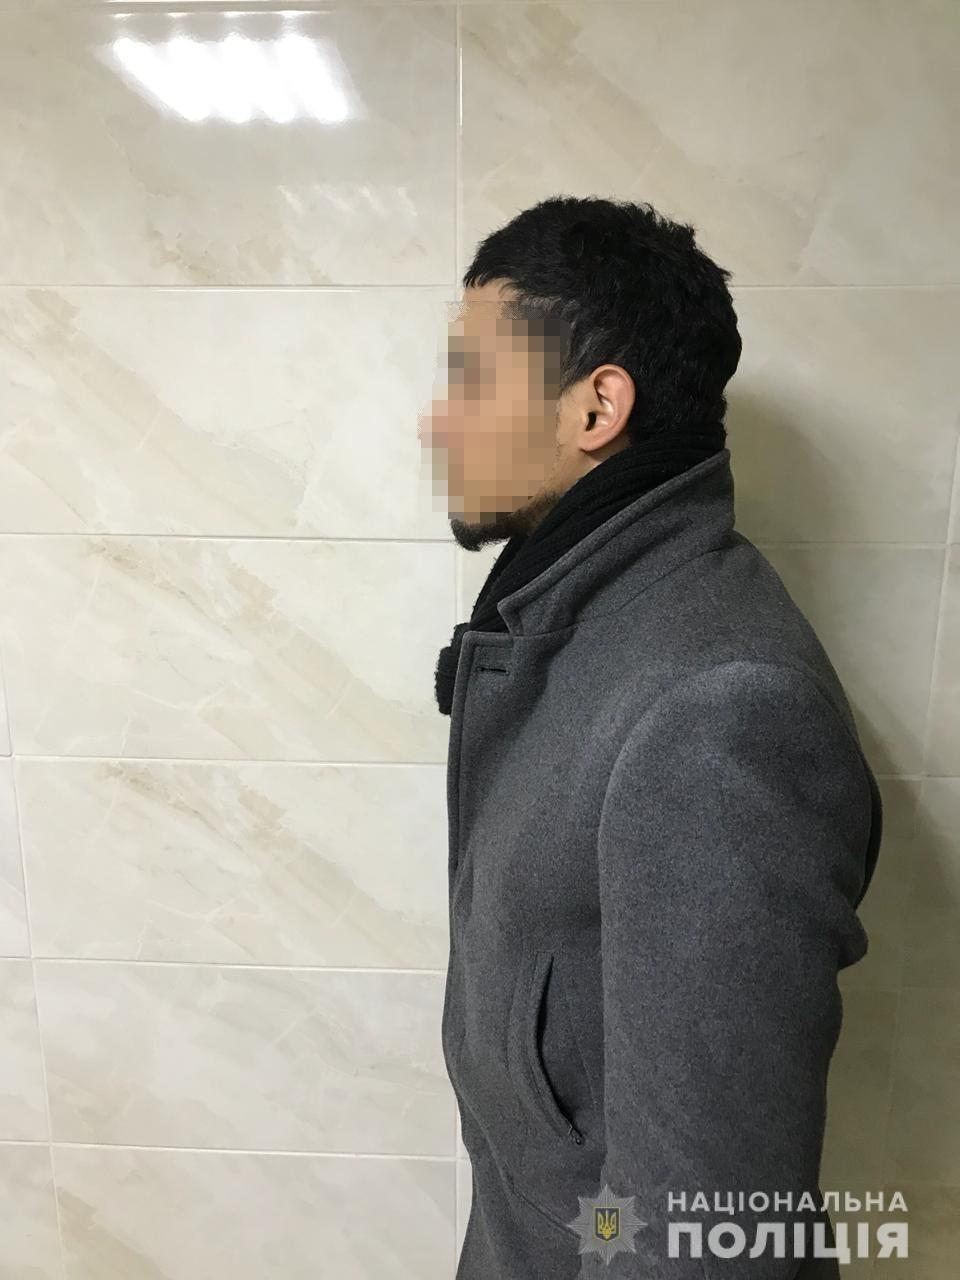 28-річного іноземця, який переправляв нелегалів через кордон Закарпаття, затримали в Києві (ФОТО), фото-1